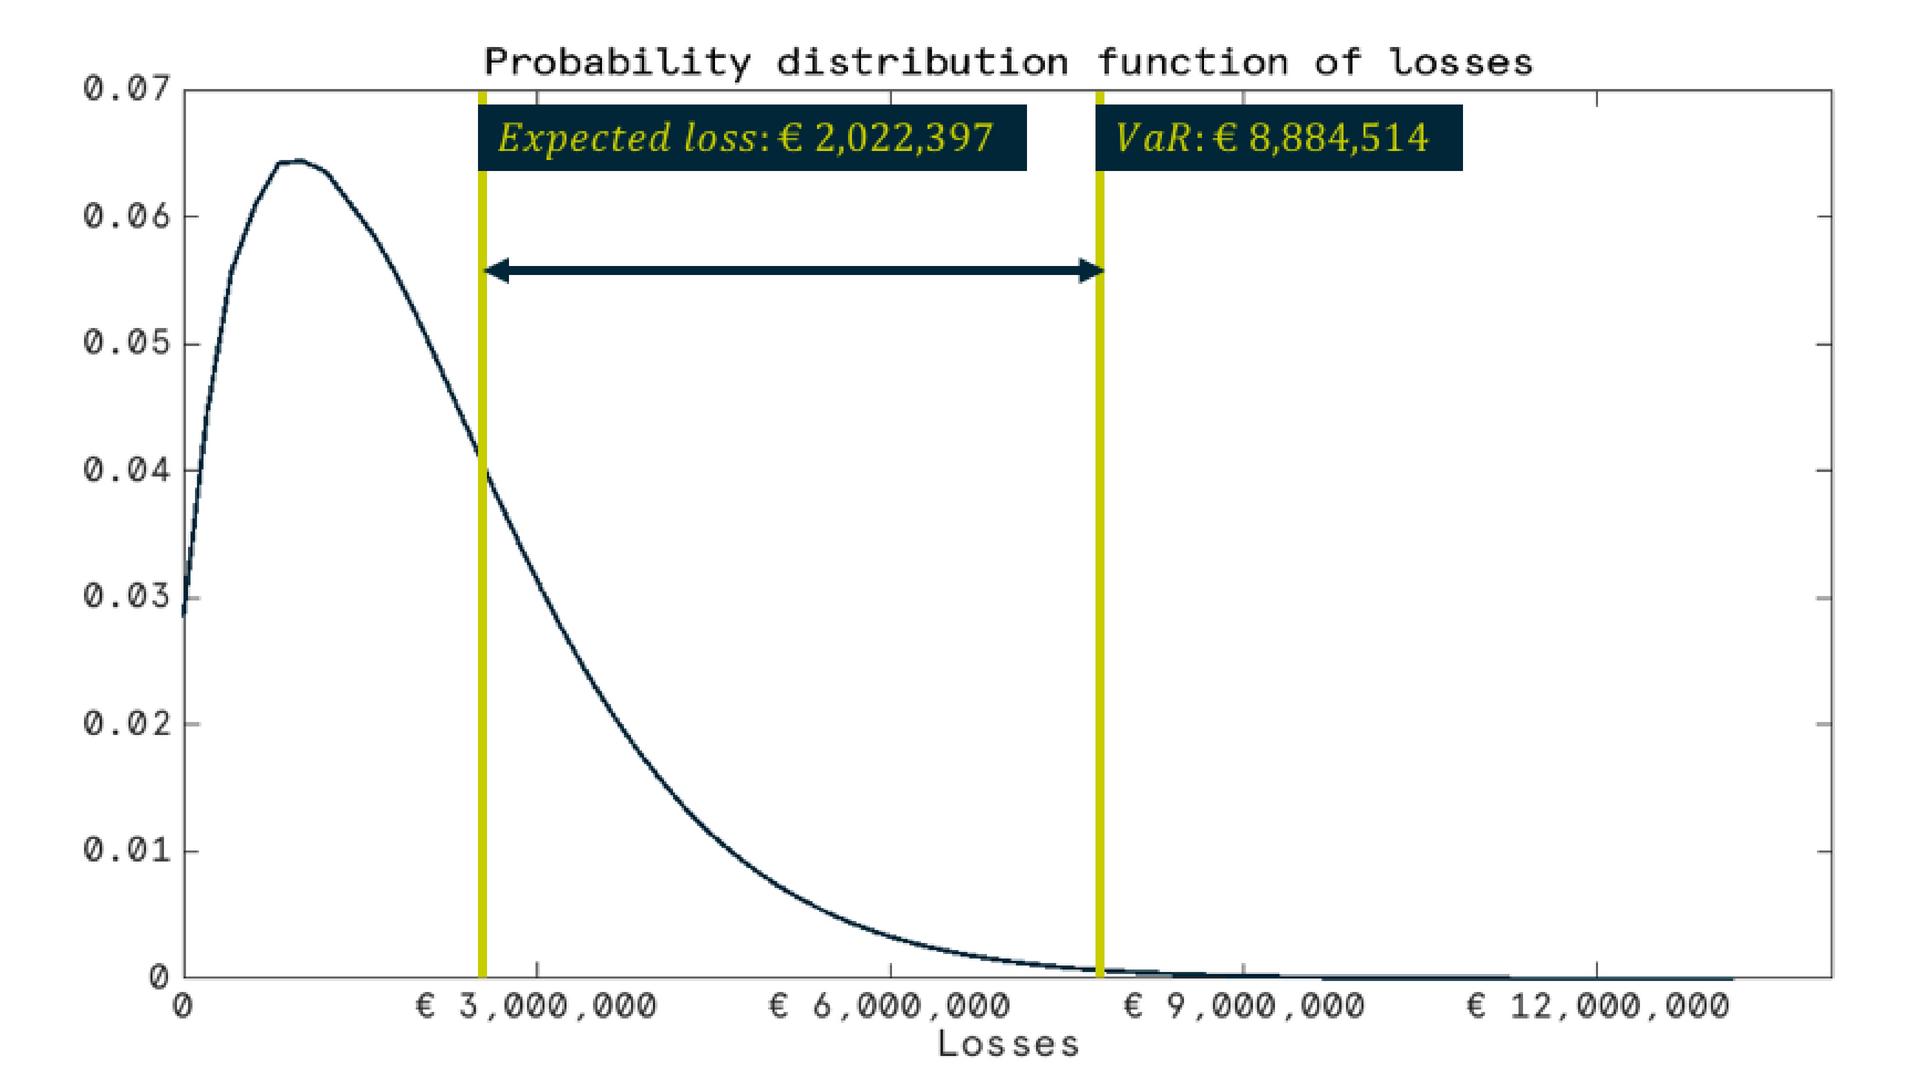 funzione di distribuzione delle perdite